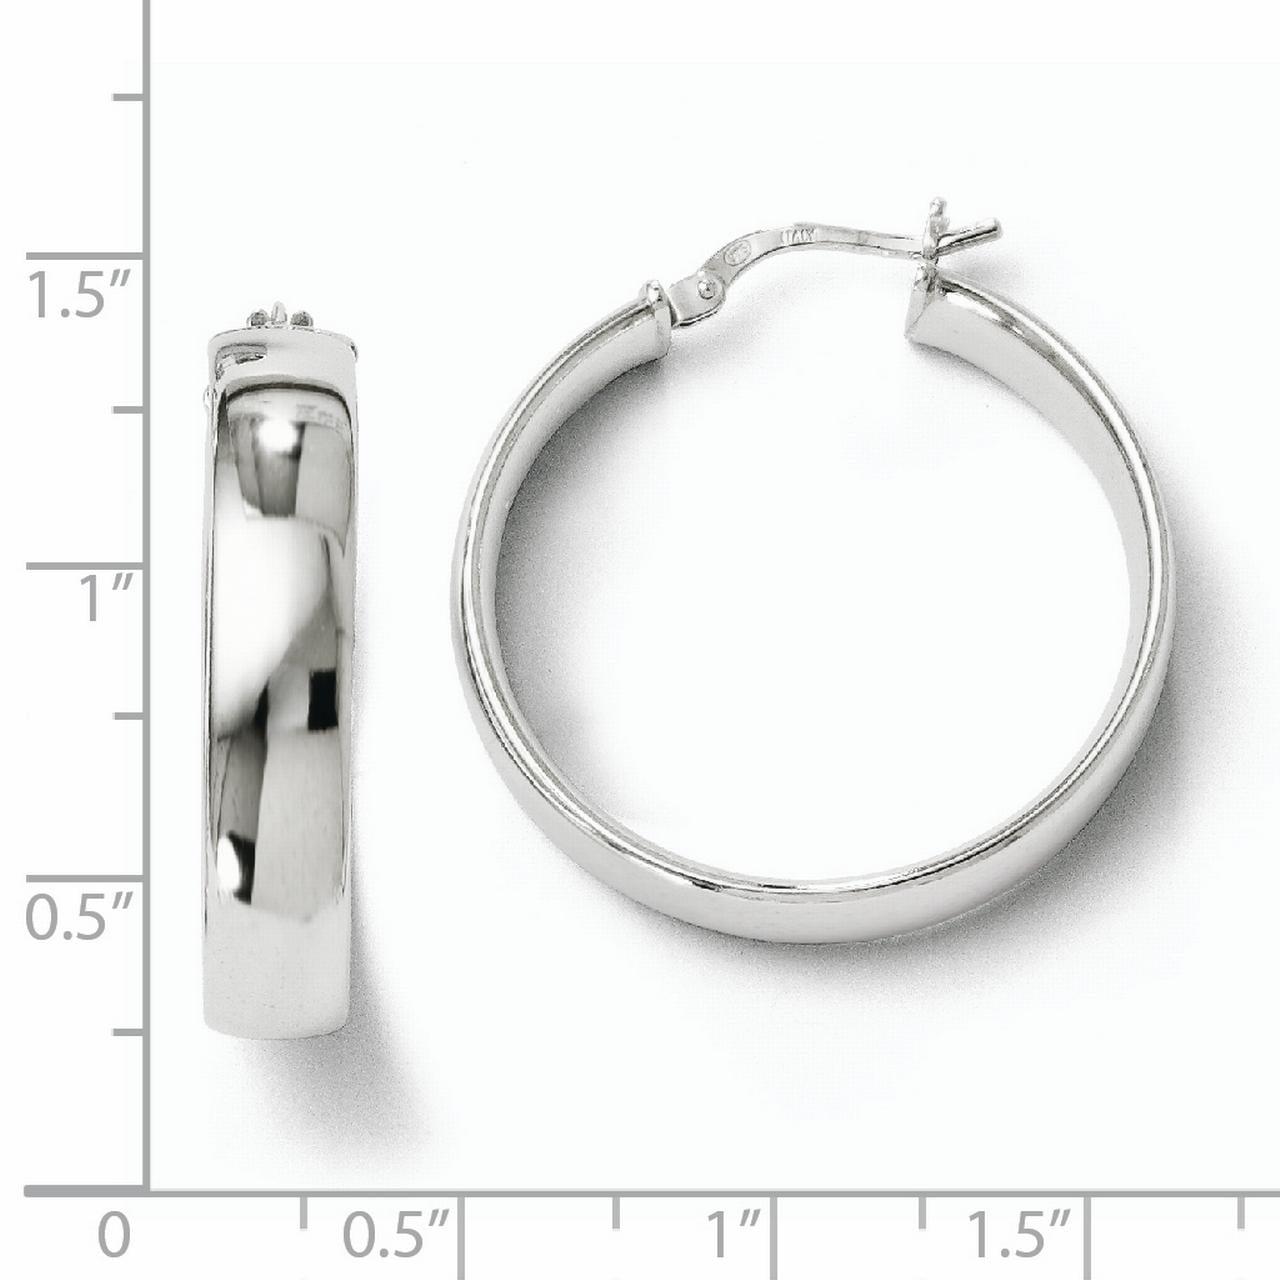 925 Sterling Silver Hinged Hoop Earrings Ear Hoops Set Fine Jewelry Gifts For Women For Her - image 2 de 3